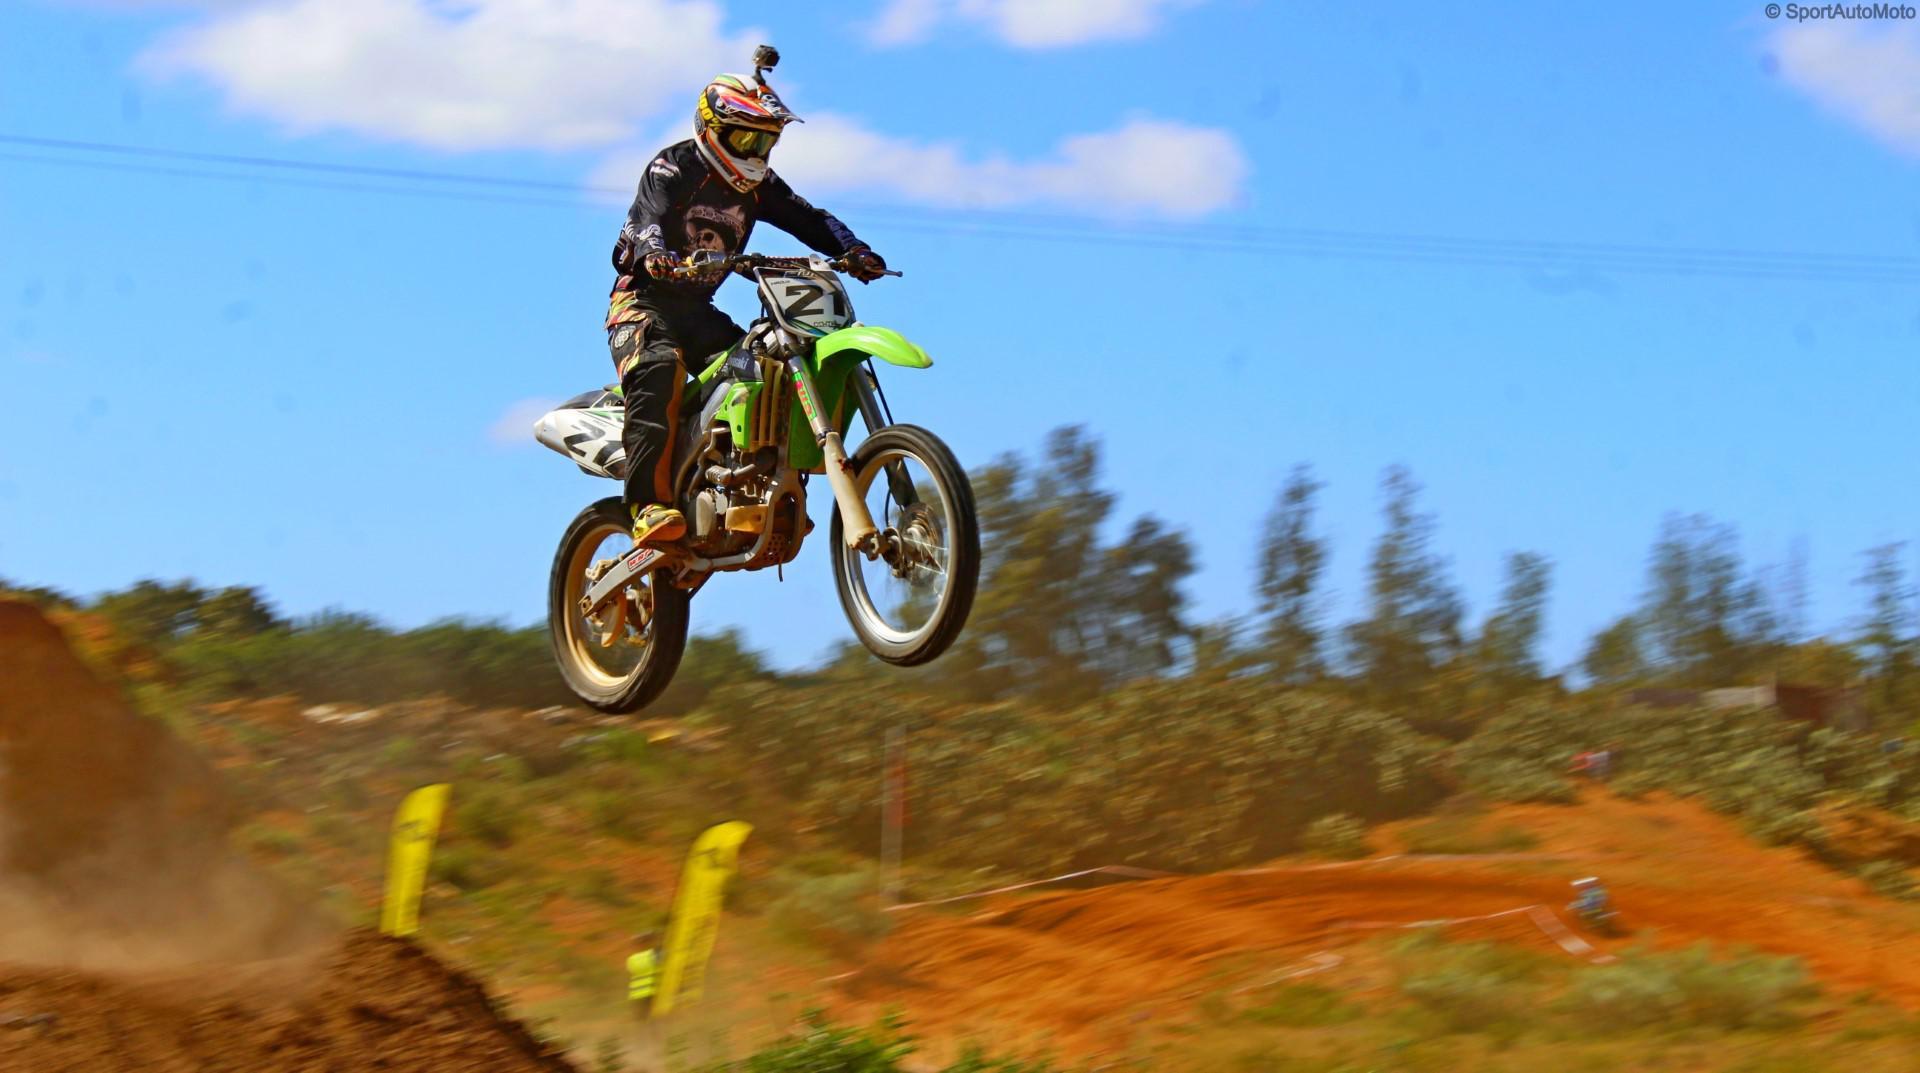 championnat-du-maroc-de-motocross-kenitra-774-5.jpg